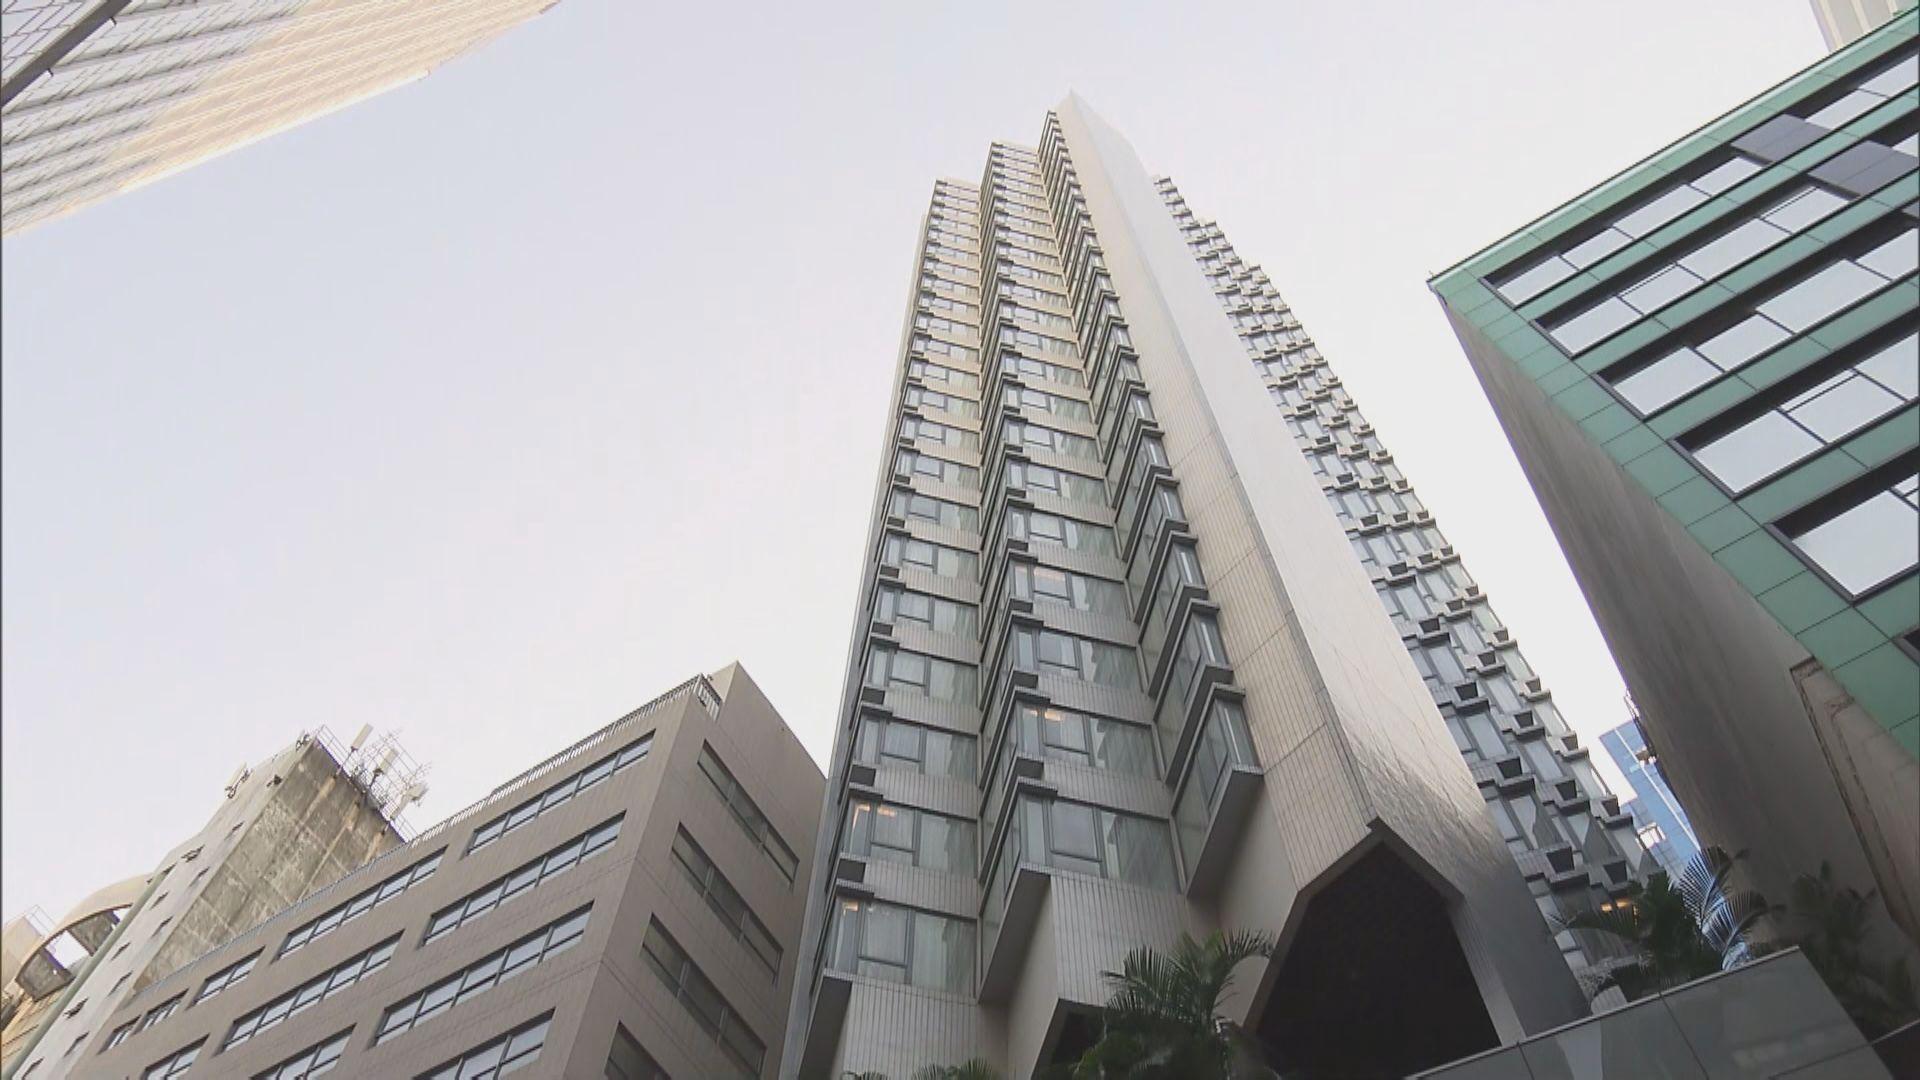 觀塘帝盛酒店被政府全幢租用作檢疫中心